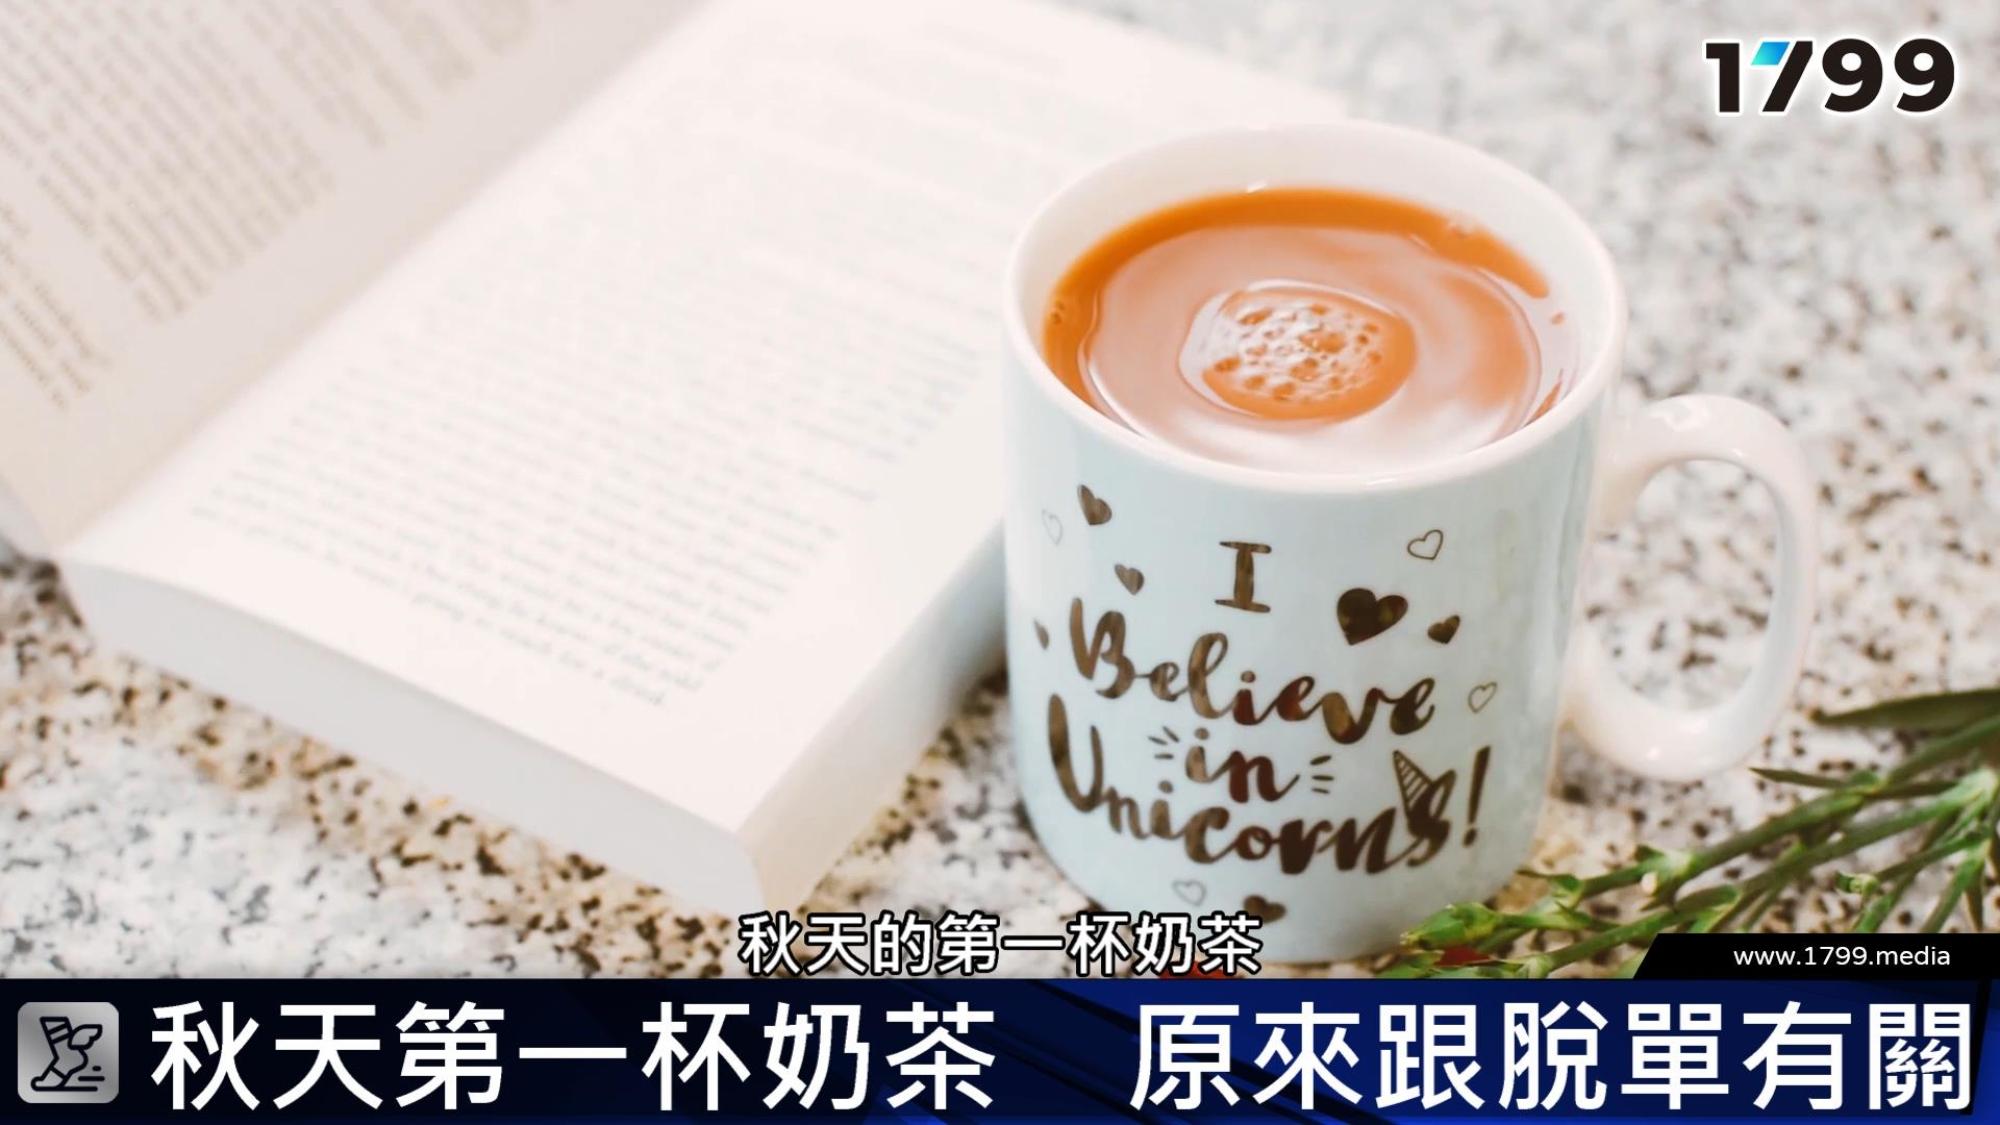 秋天的第一杯奶茶,刷爆華人年輕圈(圖/1799提供)